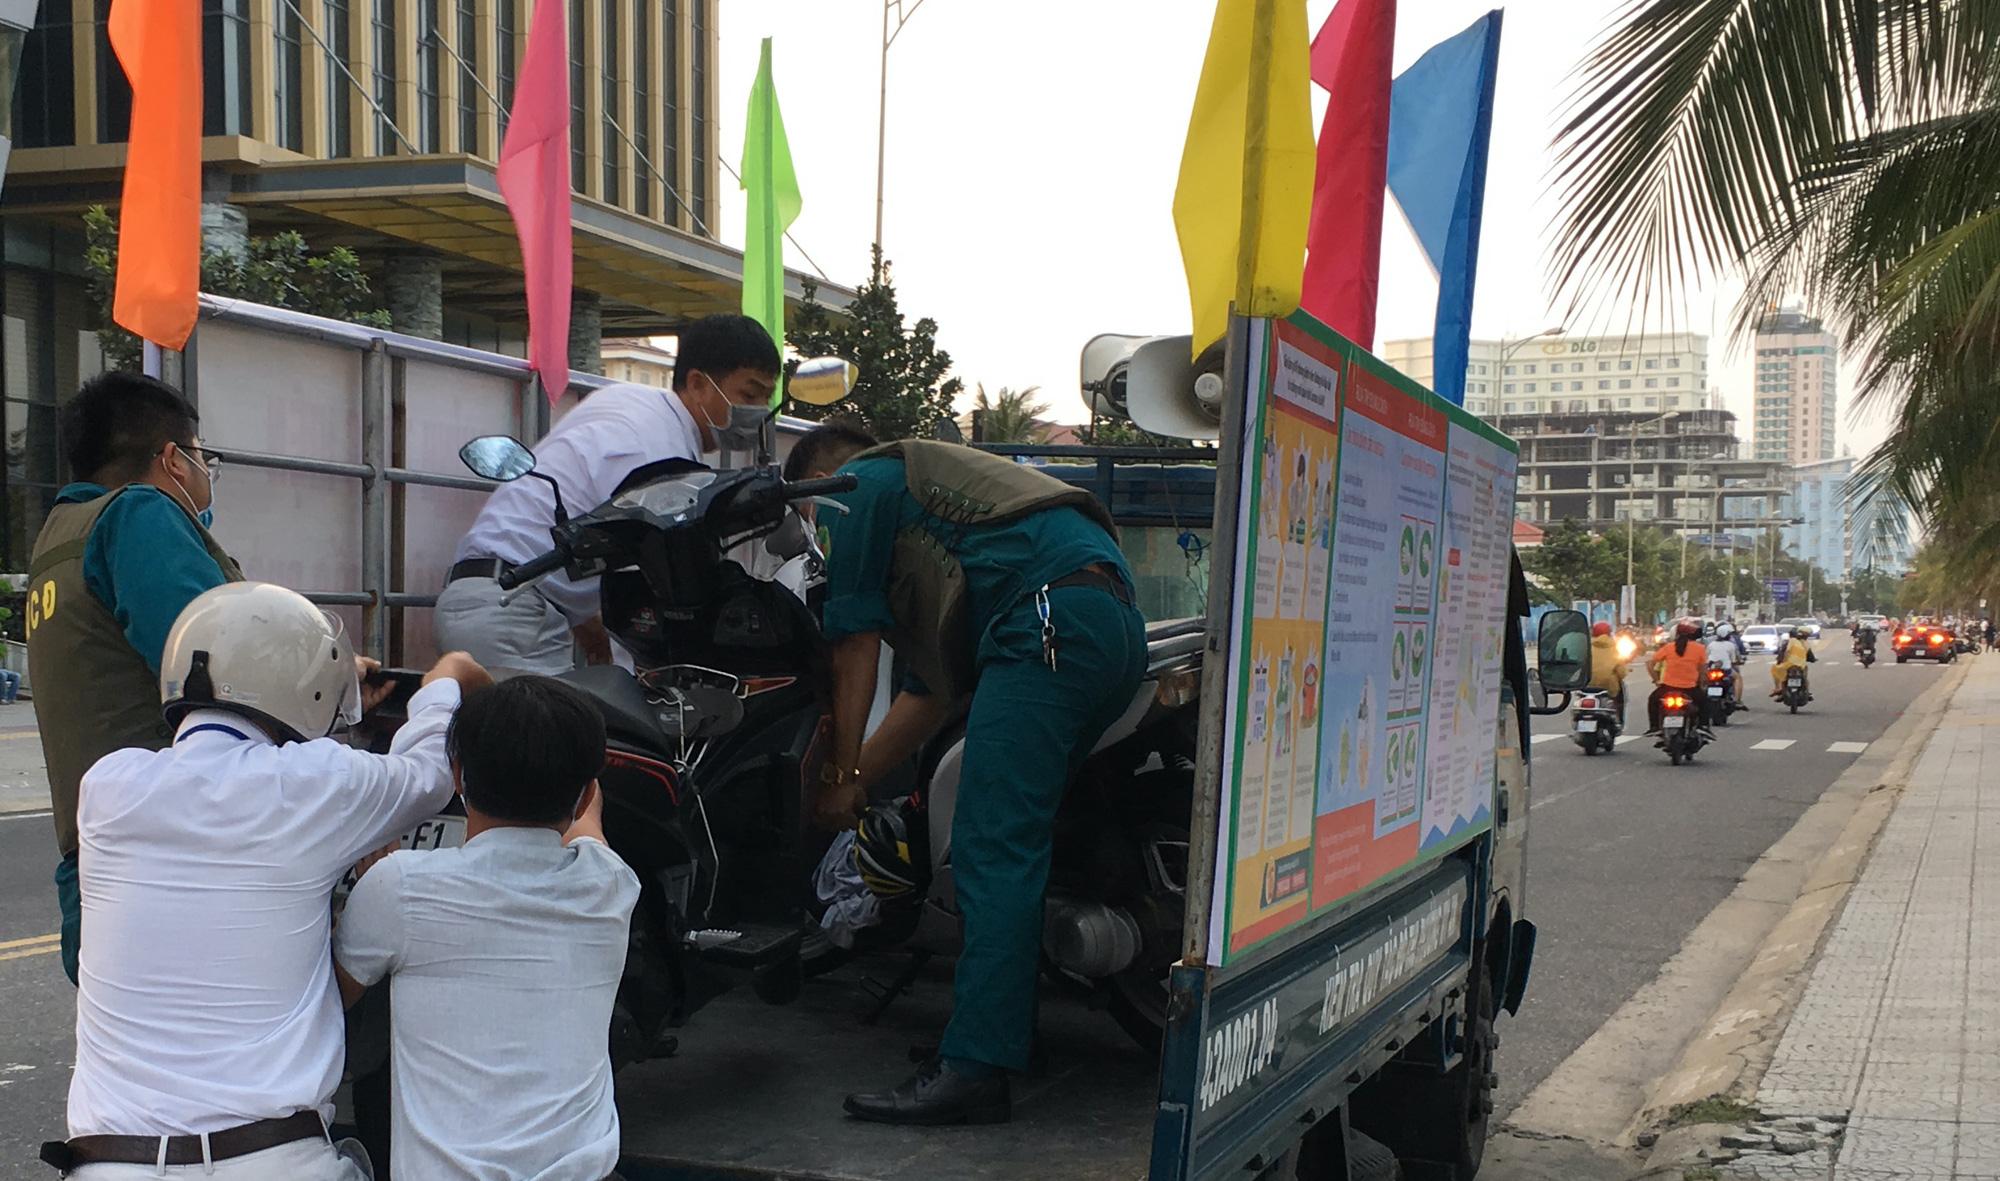 Ven biển Đà Nẵng bị rào chắn hơn 1km, các dịch vụ ngừng hoạt động hàng loạt để phòng dịch Covid-19 - Ảnh 16.